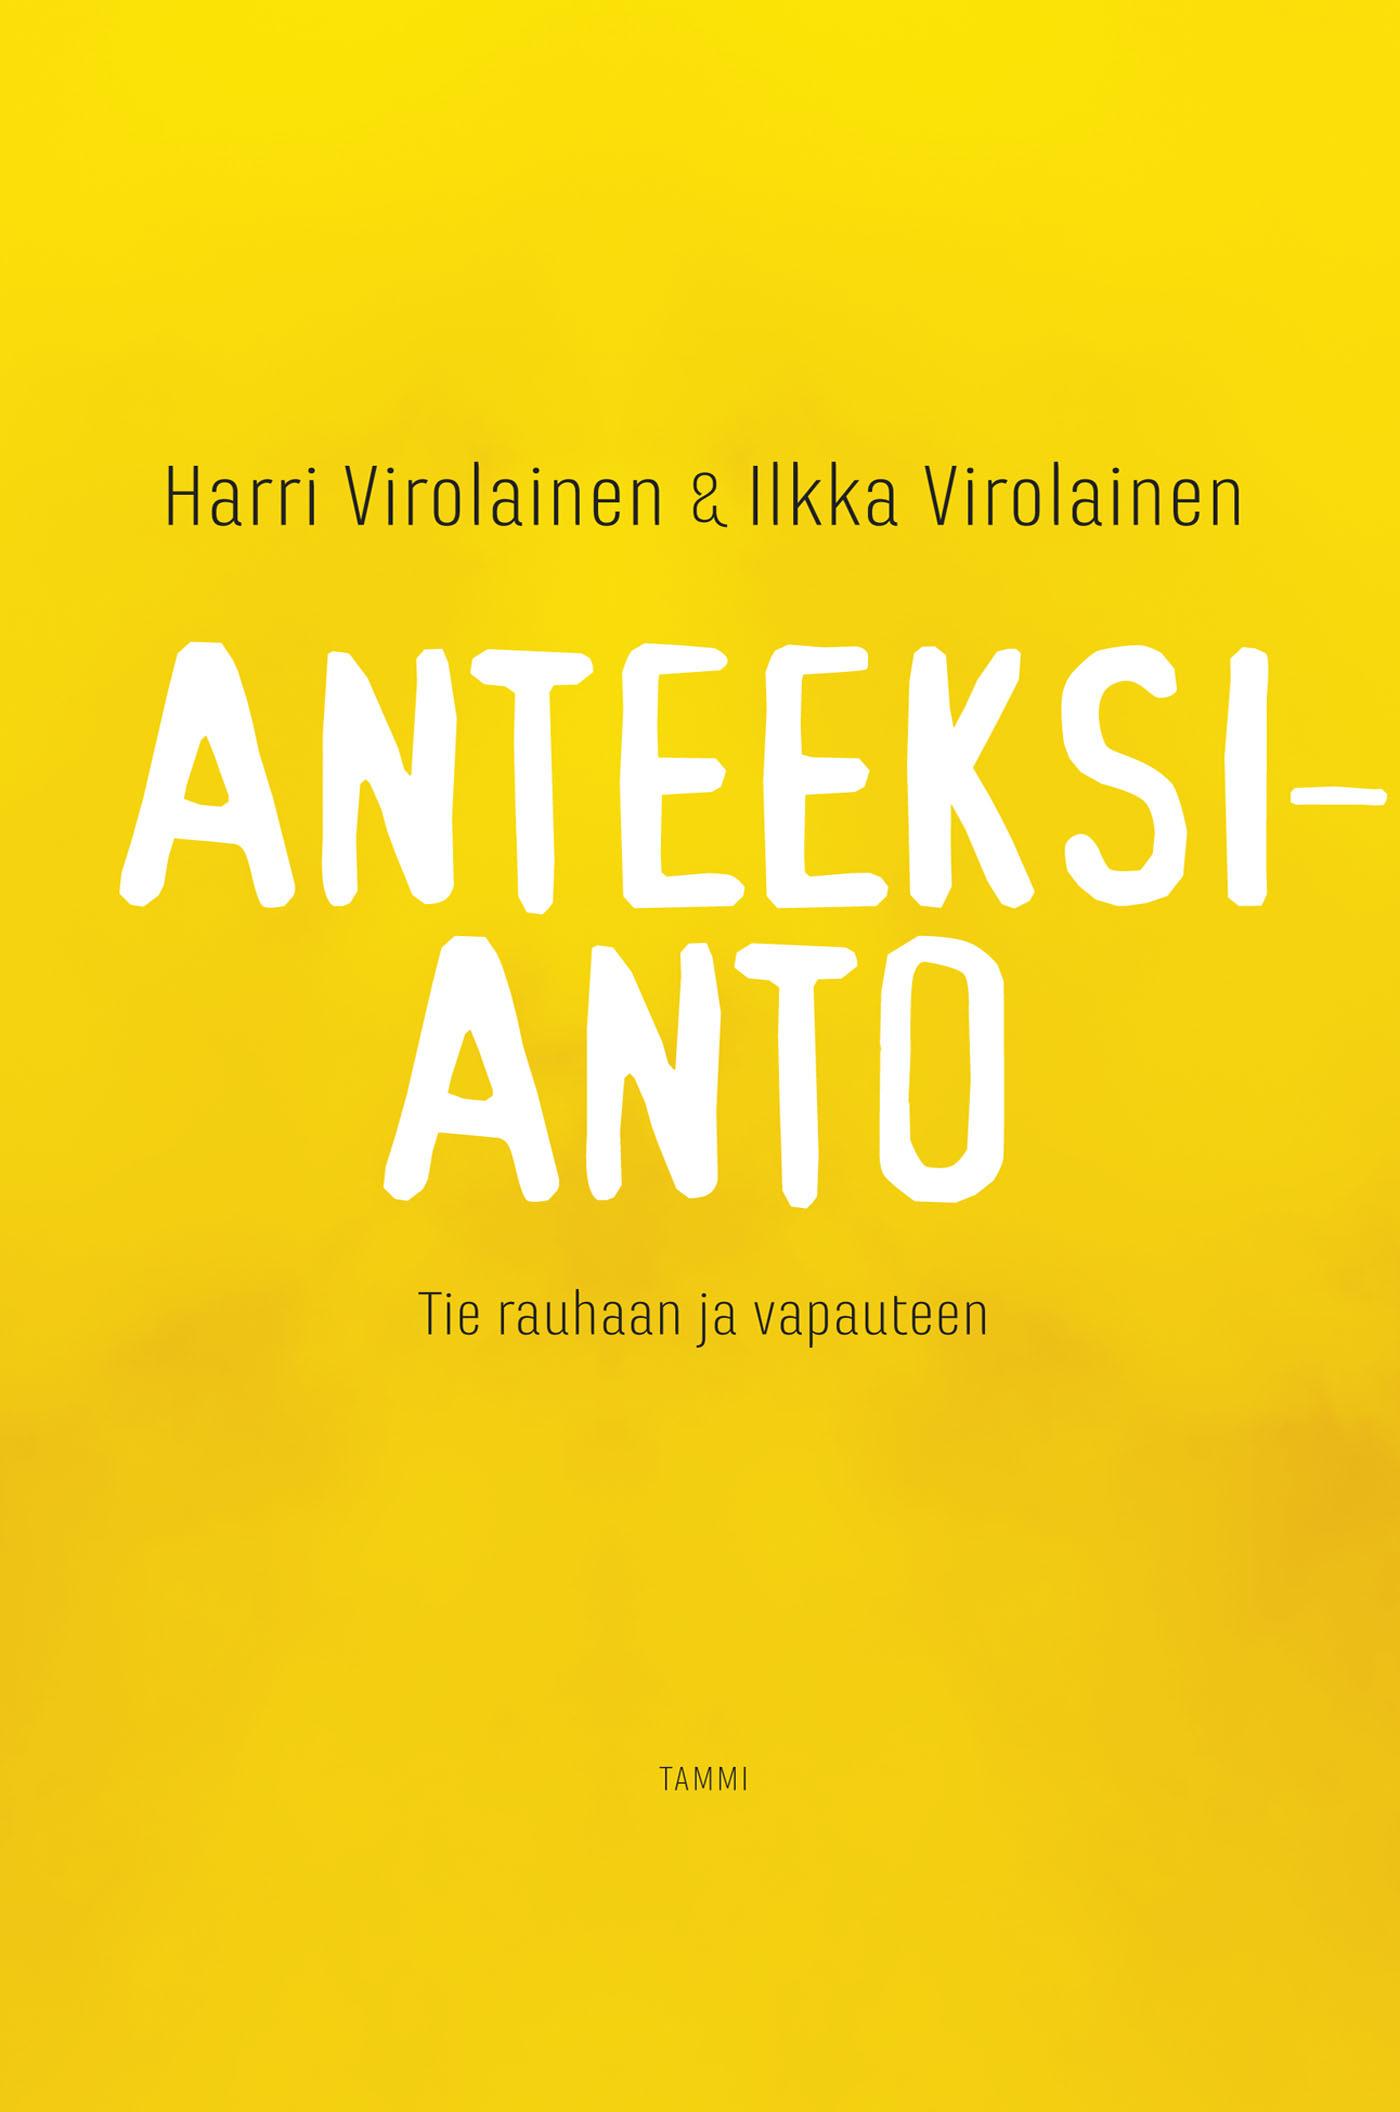 Virolainen, Ilkka - Anteeksianto: Tie vapauteen ja rauhaan, e-kirja